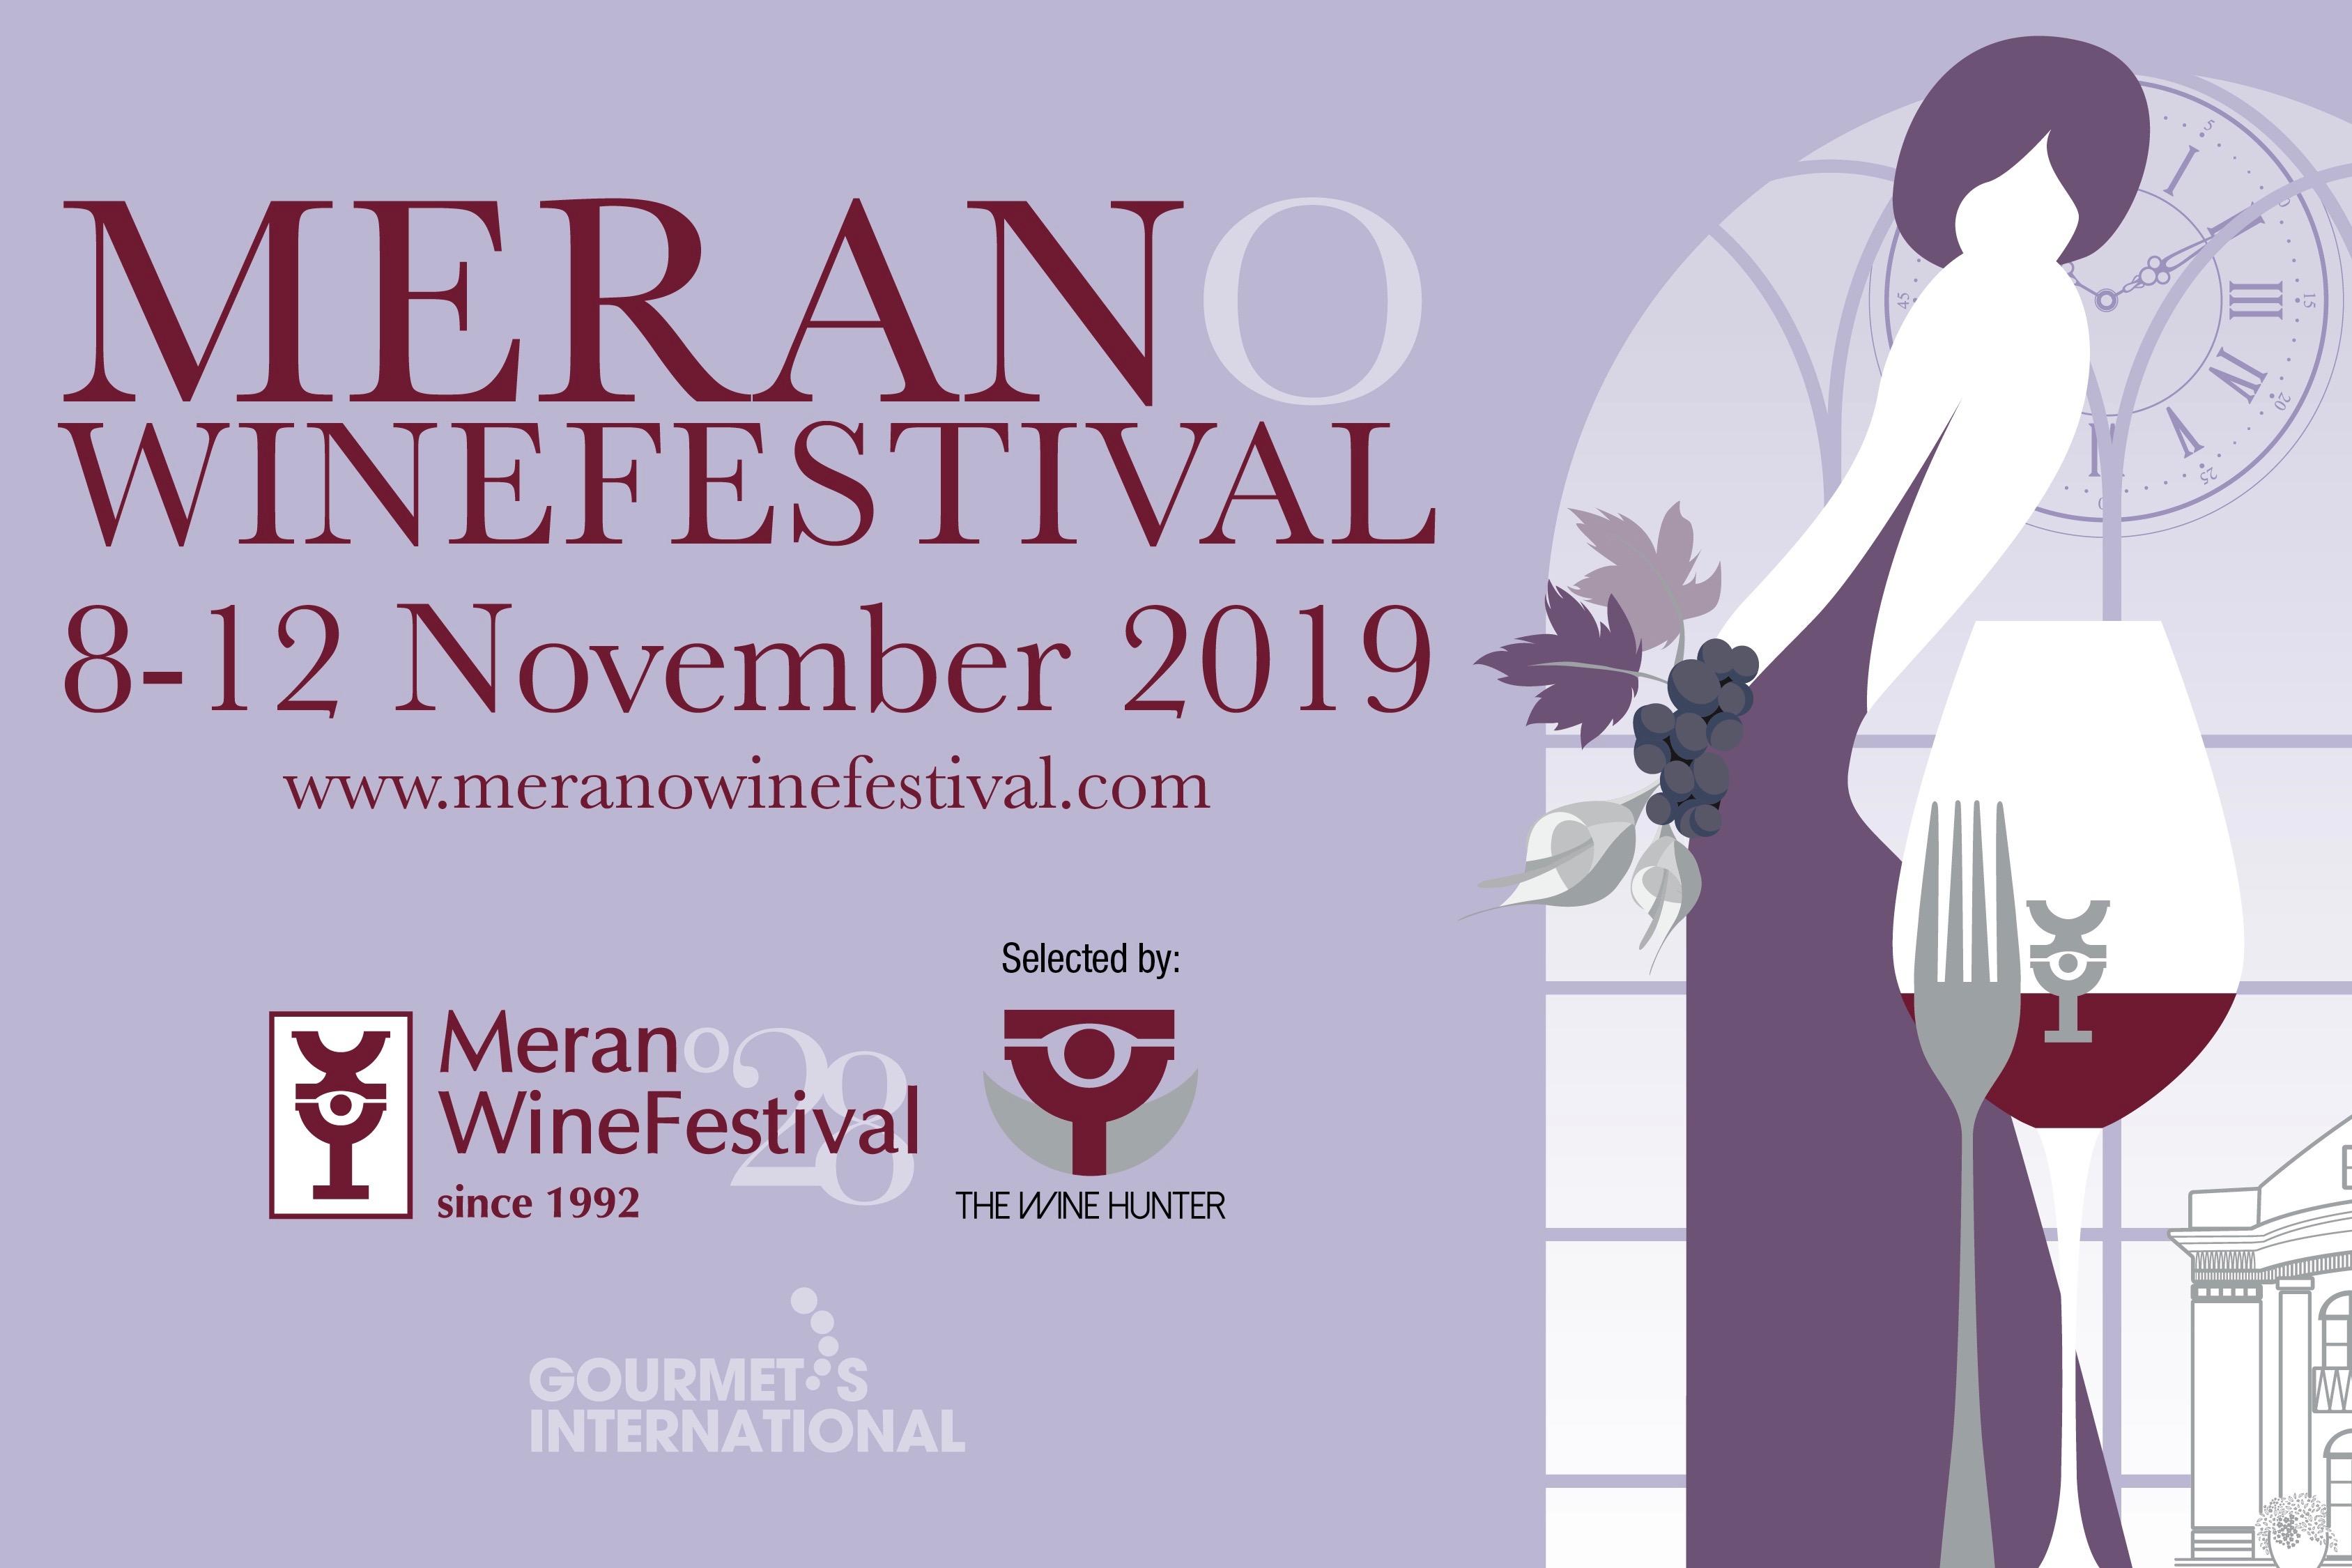 28. MERANO WINE FESTIVAL sve je spremno za jedan od globalno najznačajnijih vinskih festivala